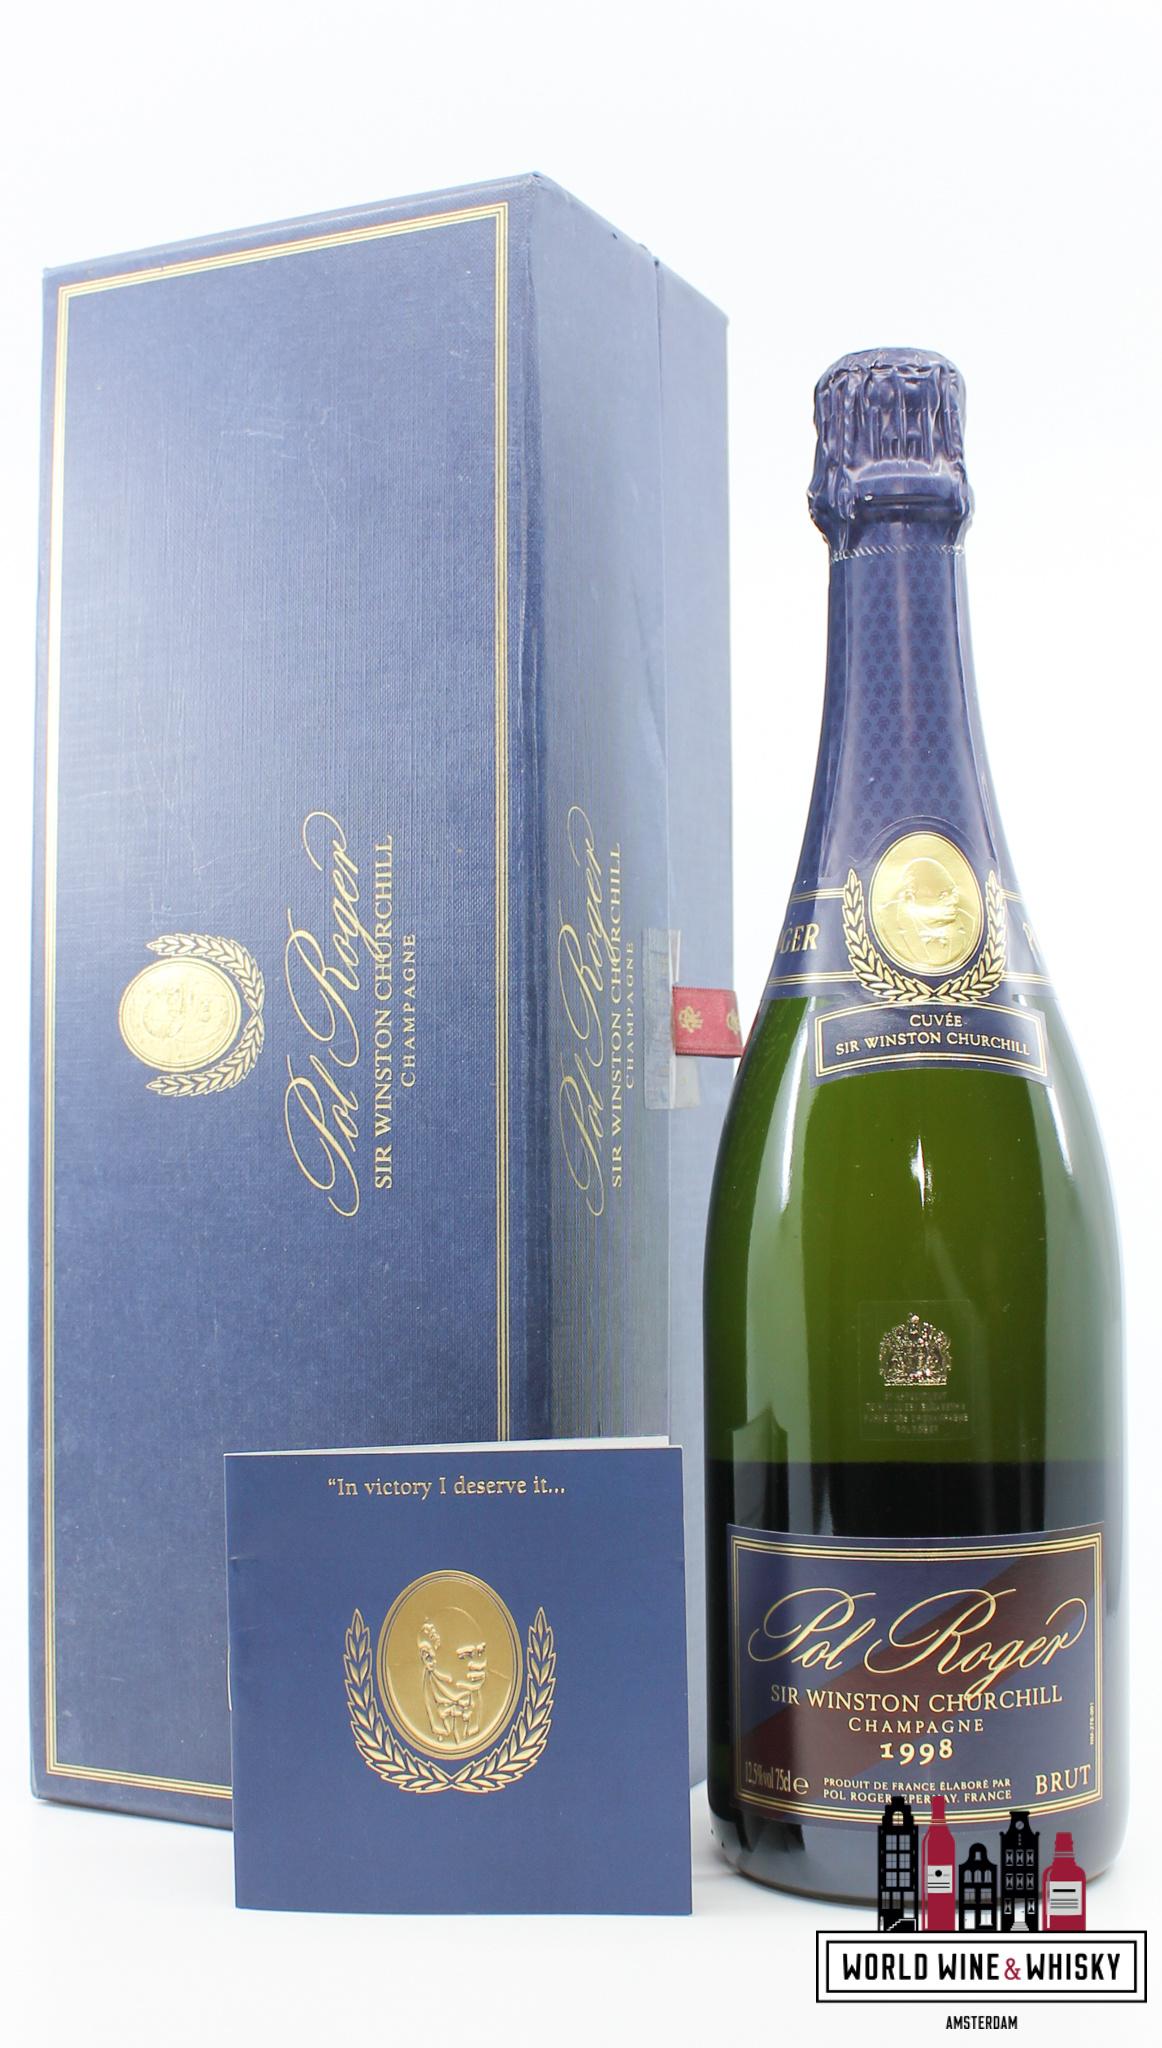 Pol Roger Pol Roger - Sir Winston Churchill 1998 Champagne Brut